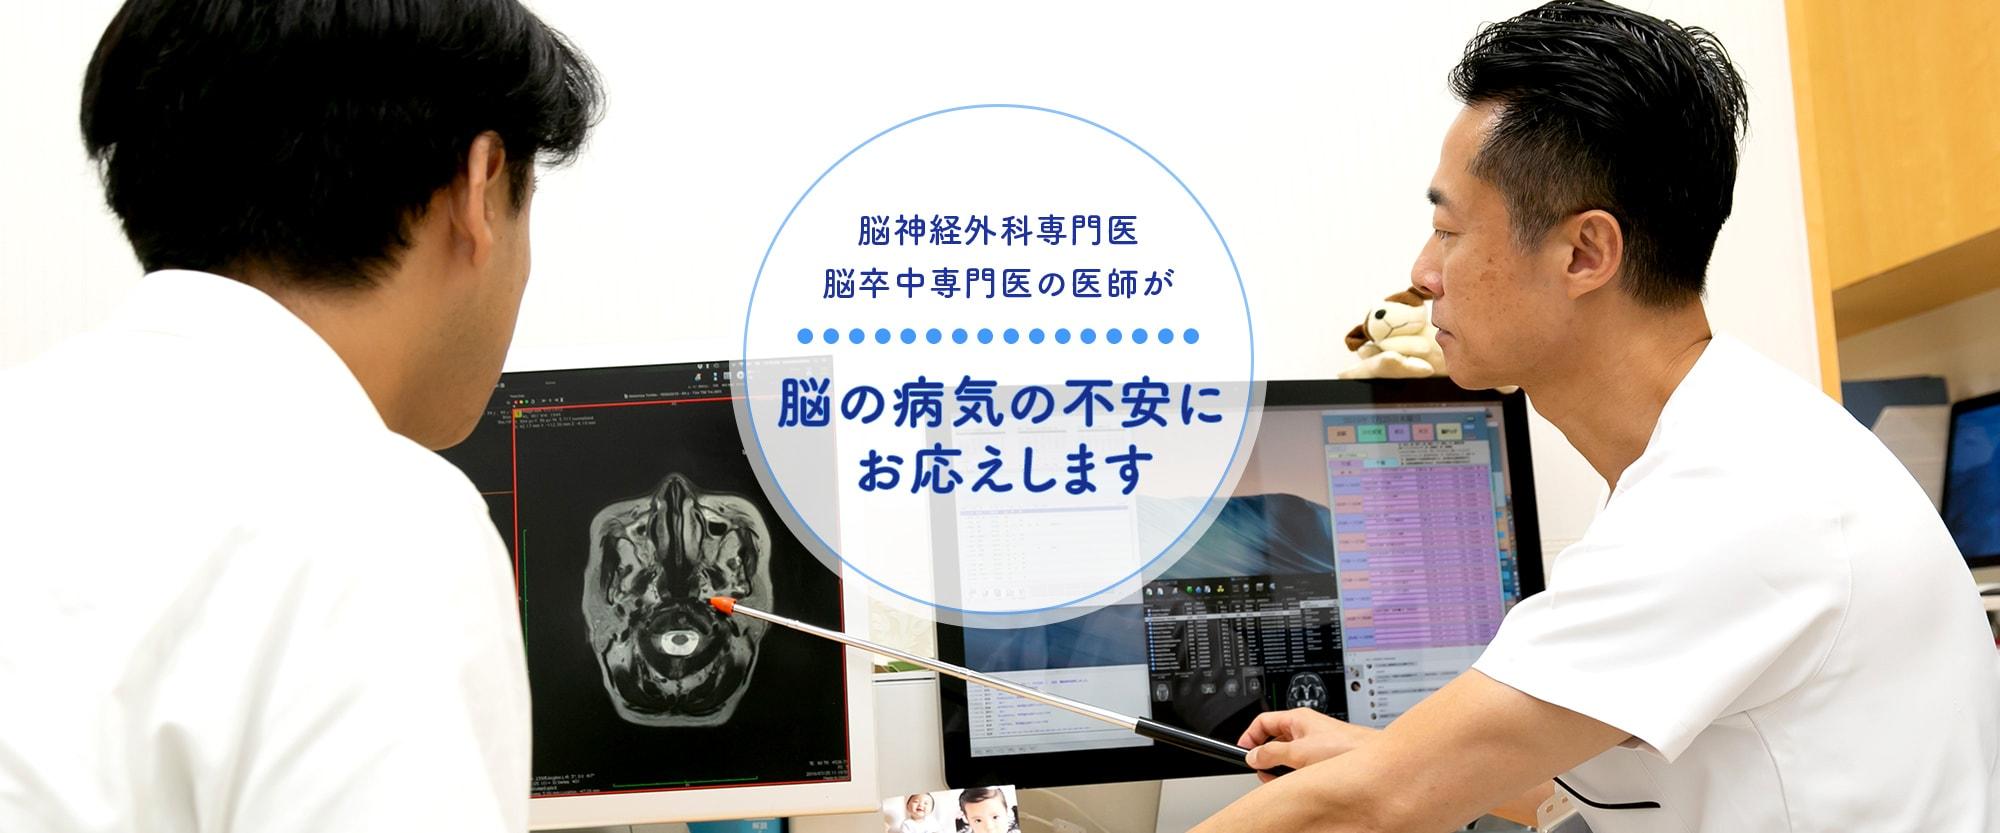 脳神経外科専門脳卒中専門医の医師が脳の病気の不安にお答えします